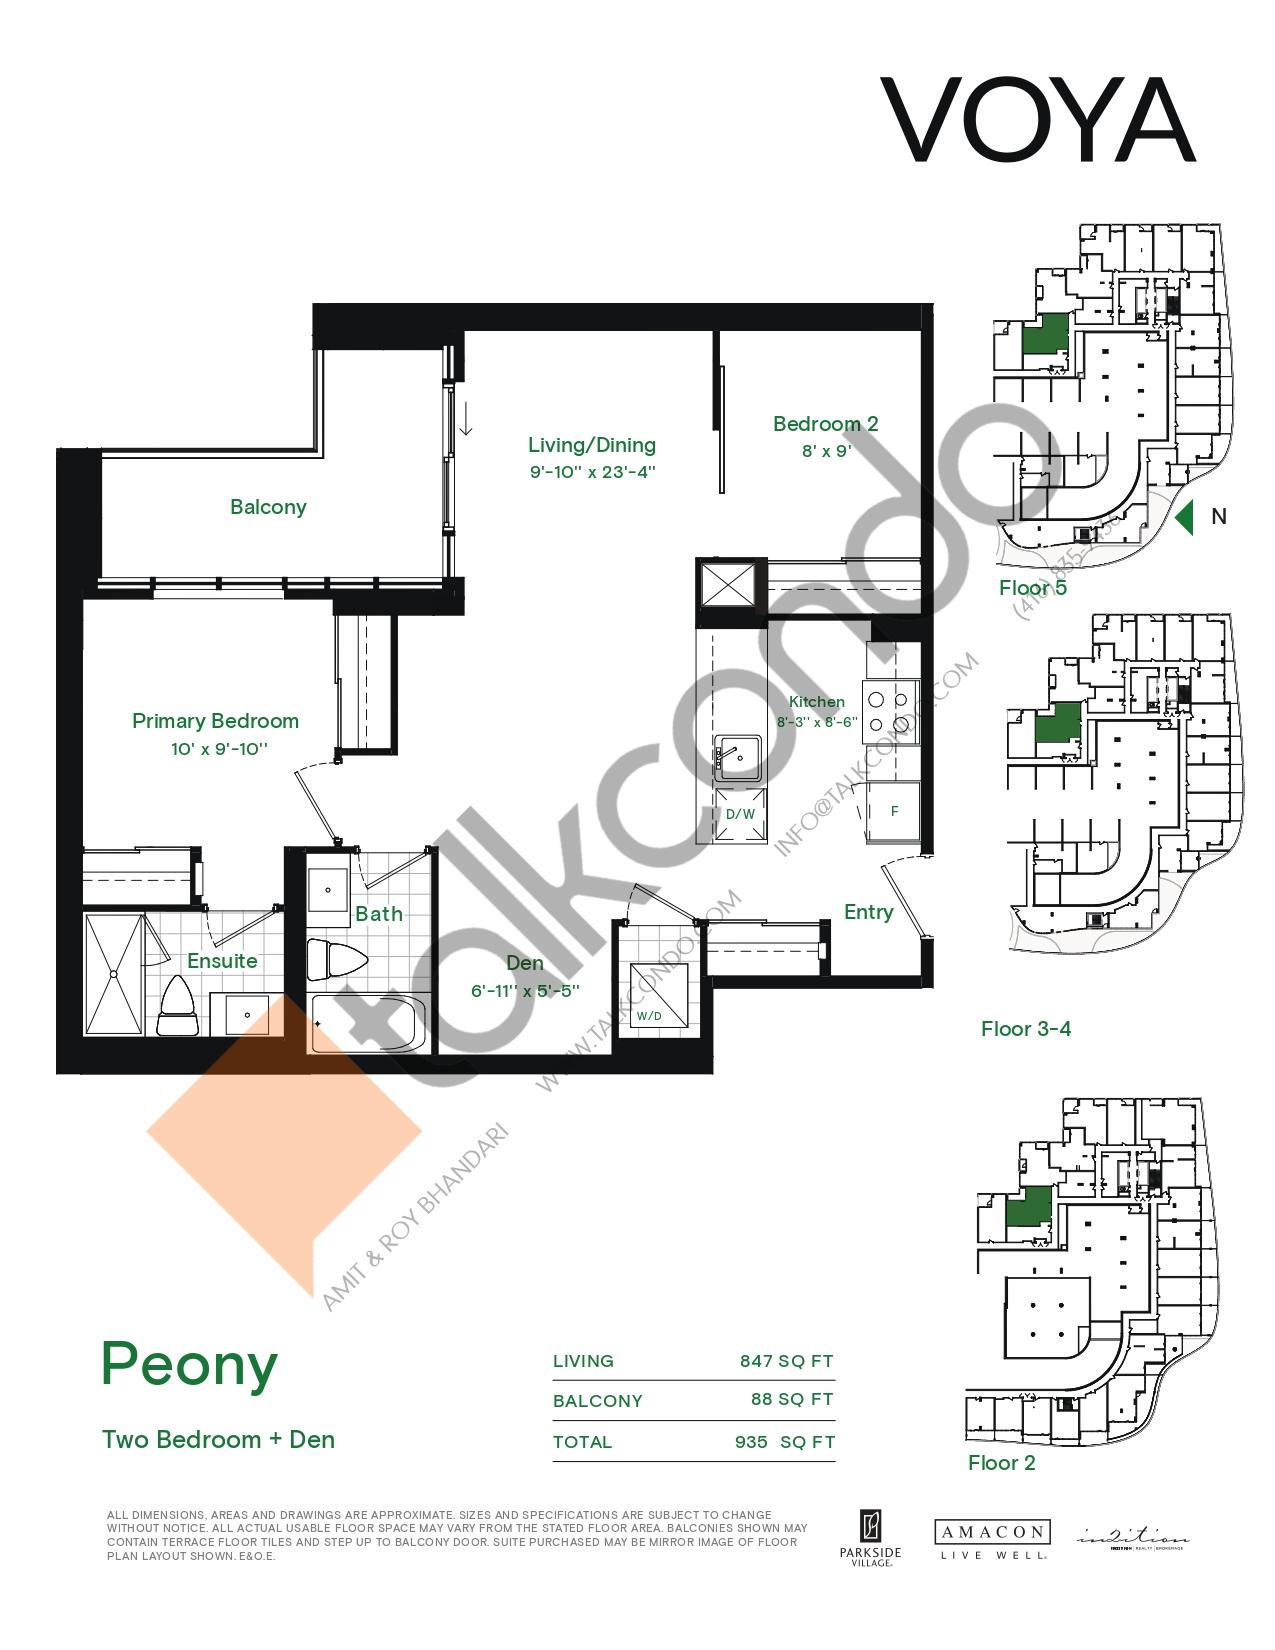 Peony (Podium) Floor Plan at Voya at Parkside Village Condos - 847 sq.ft